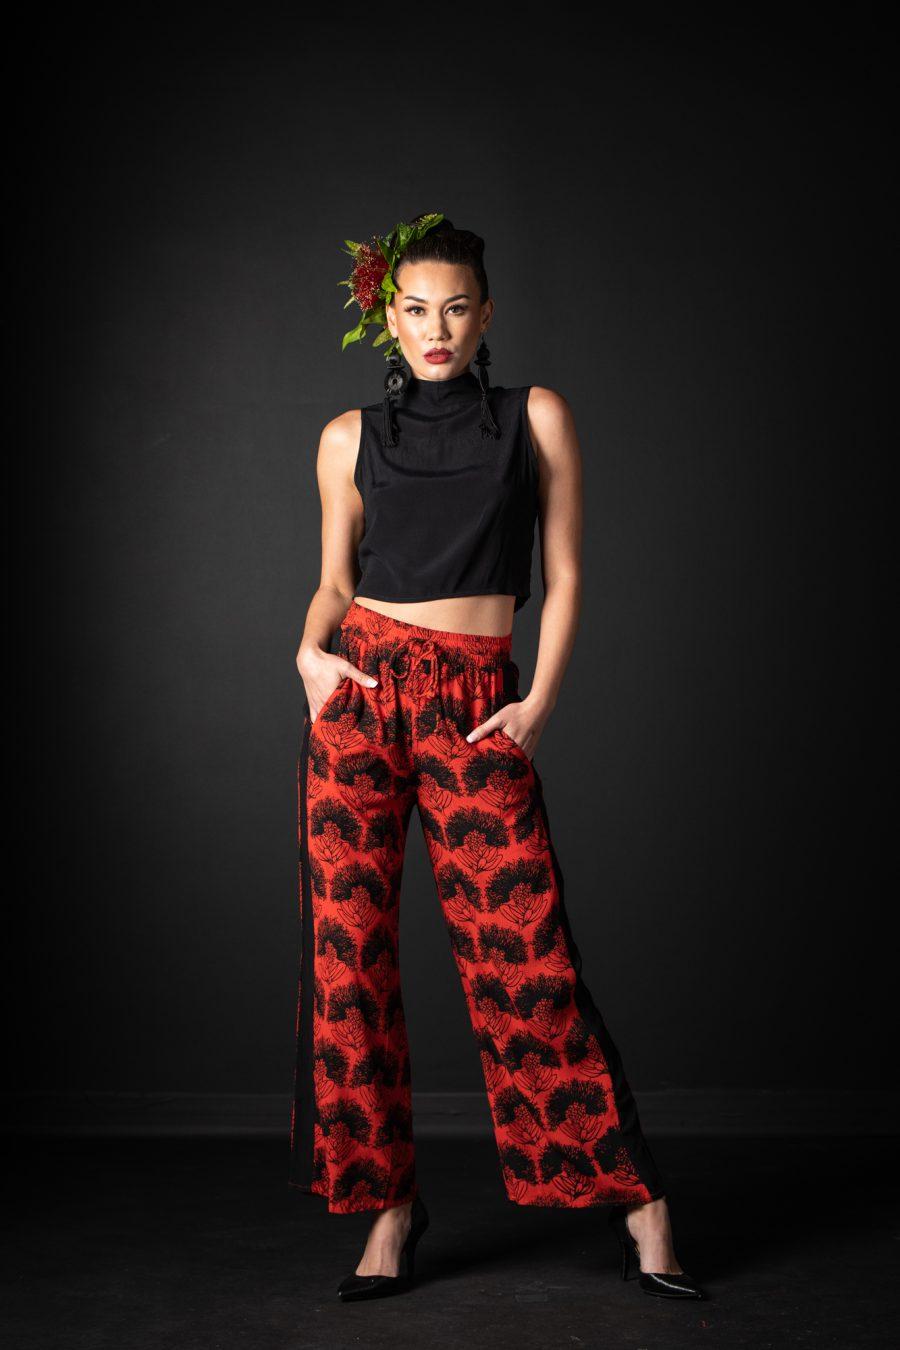 Model wearing Ola Pant in Firey Red Black Kalihilehua Pattern